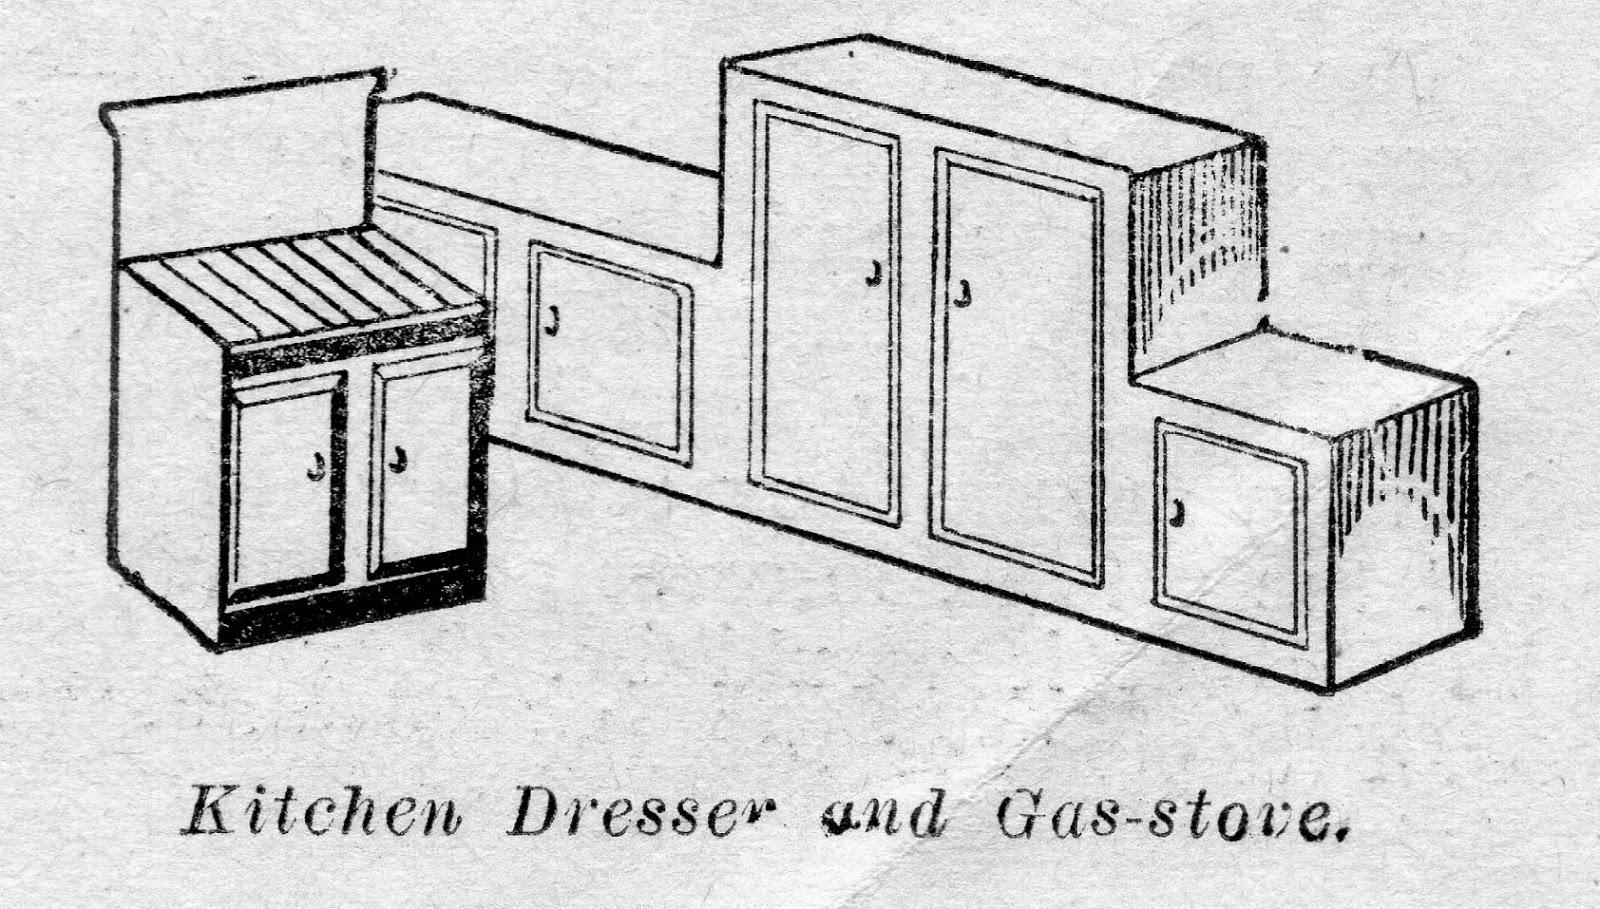 Childs Dresser